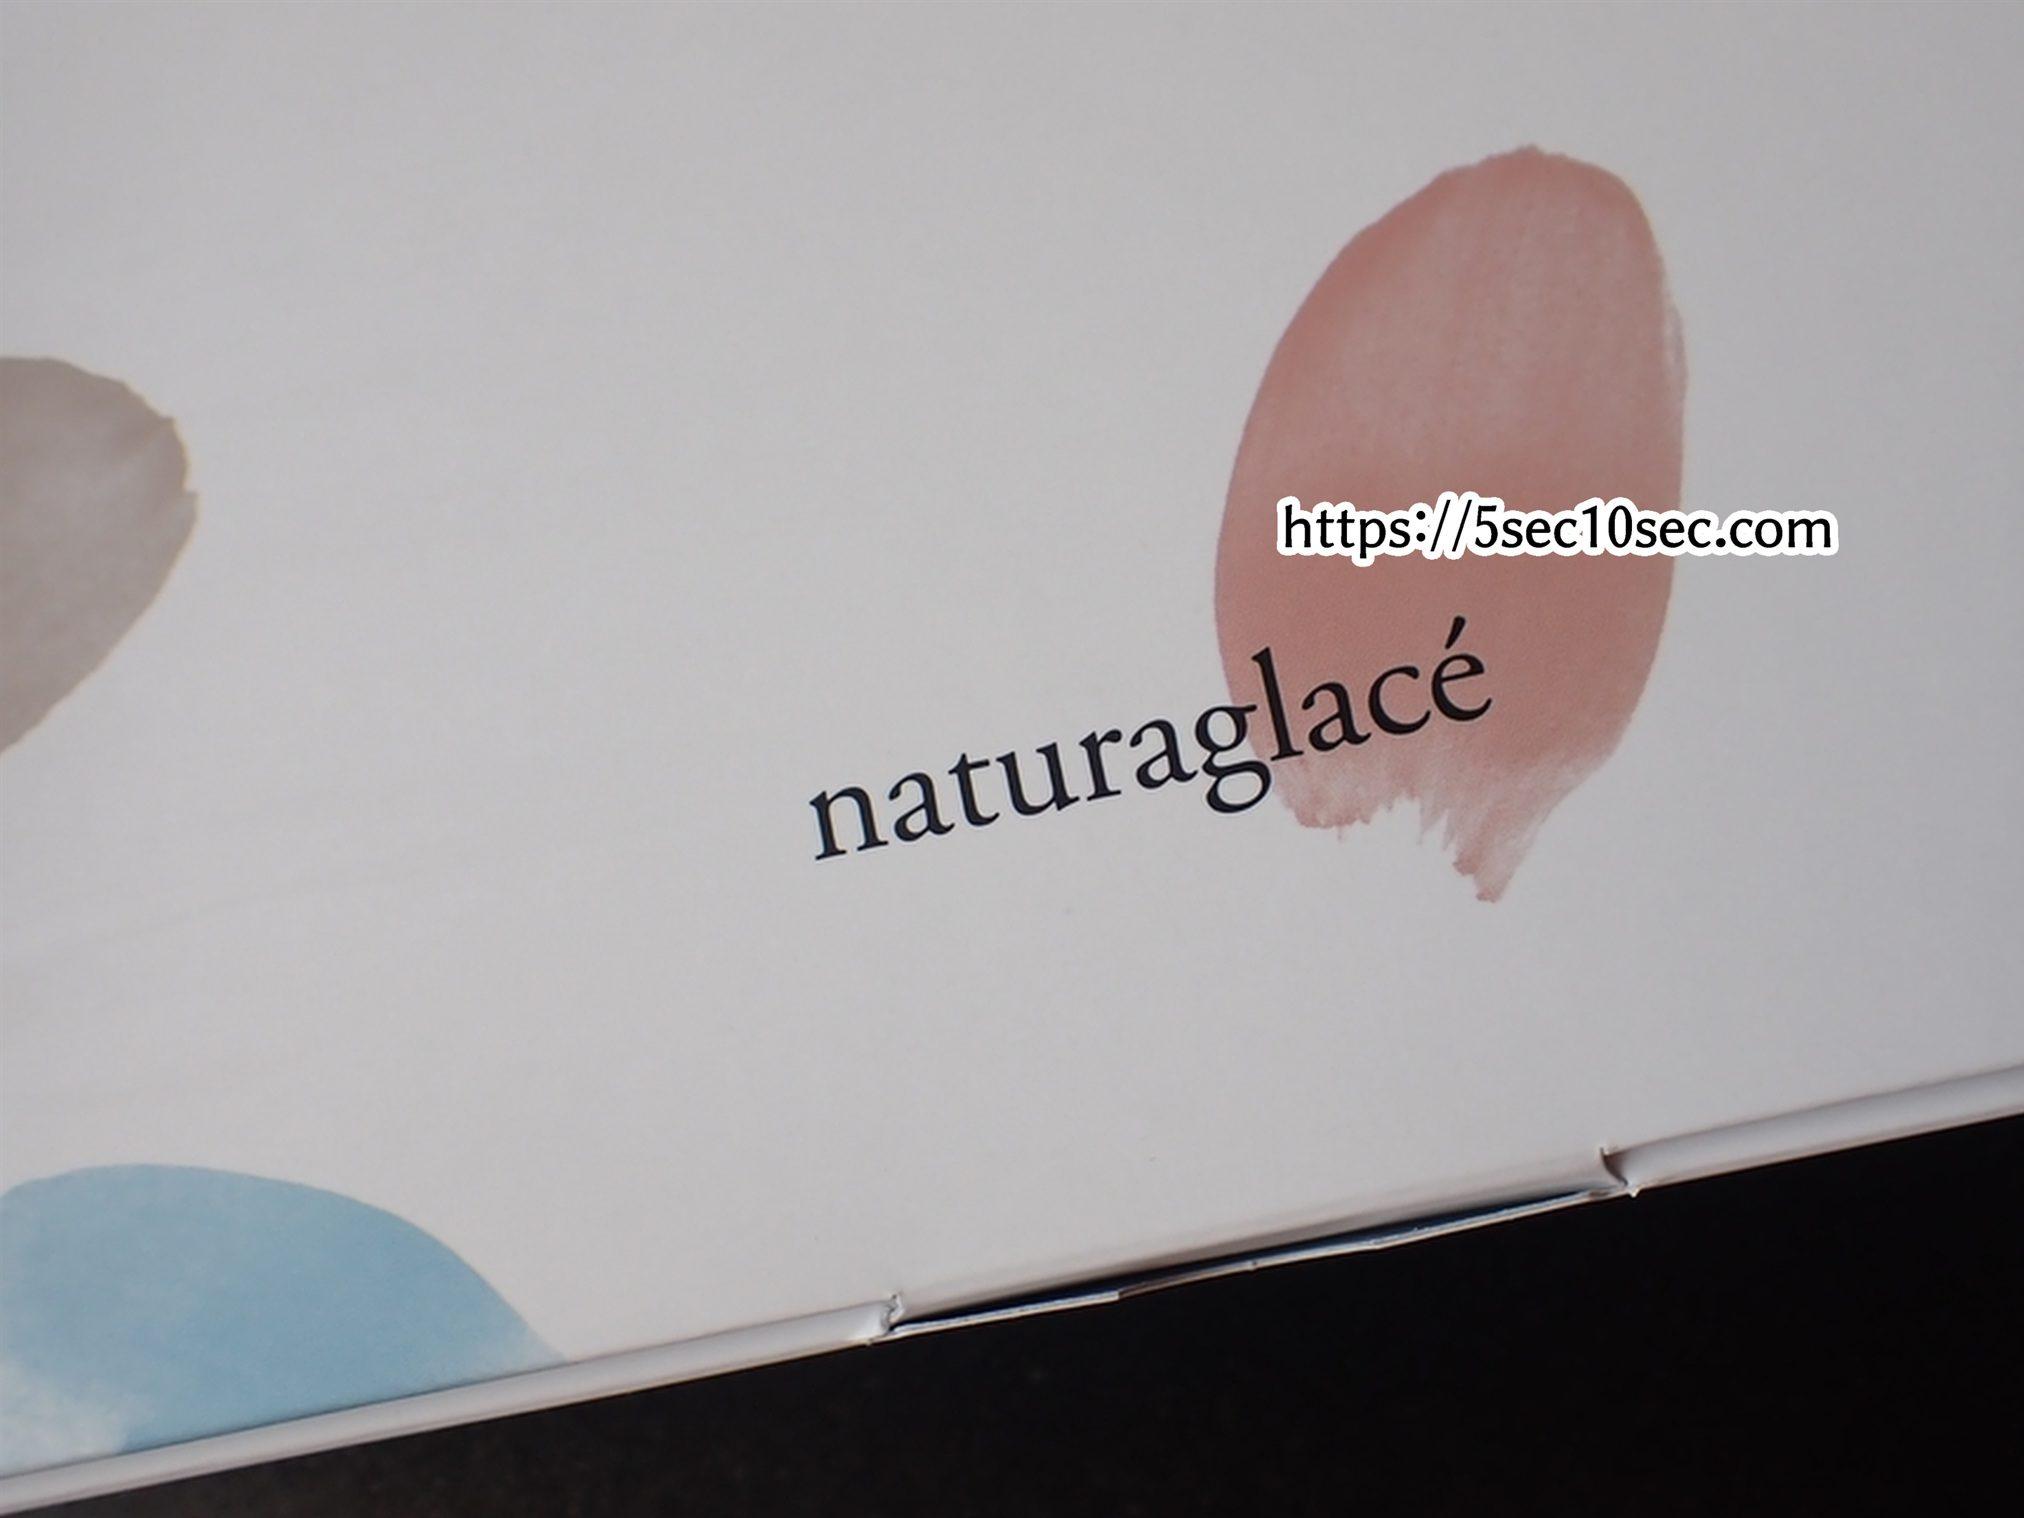 ナチュラグラッセ ベースメイクトライアルセット 箱、パッケージにあるロゴの写真